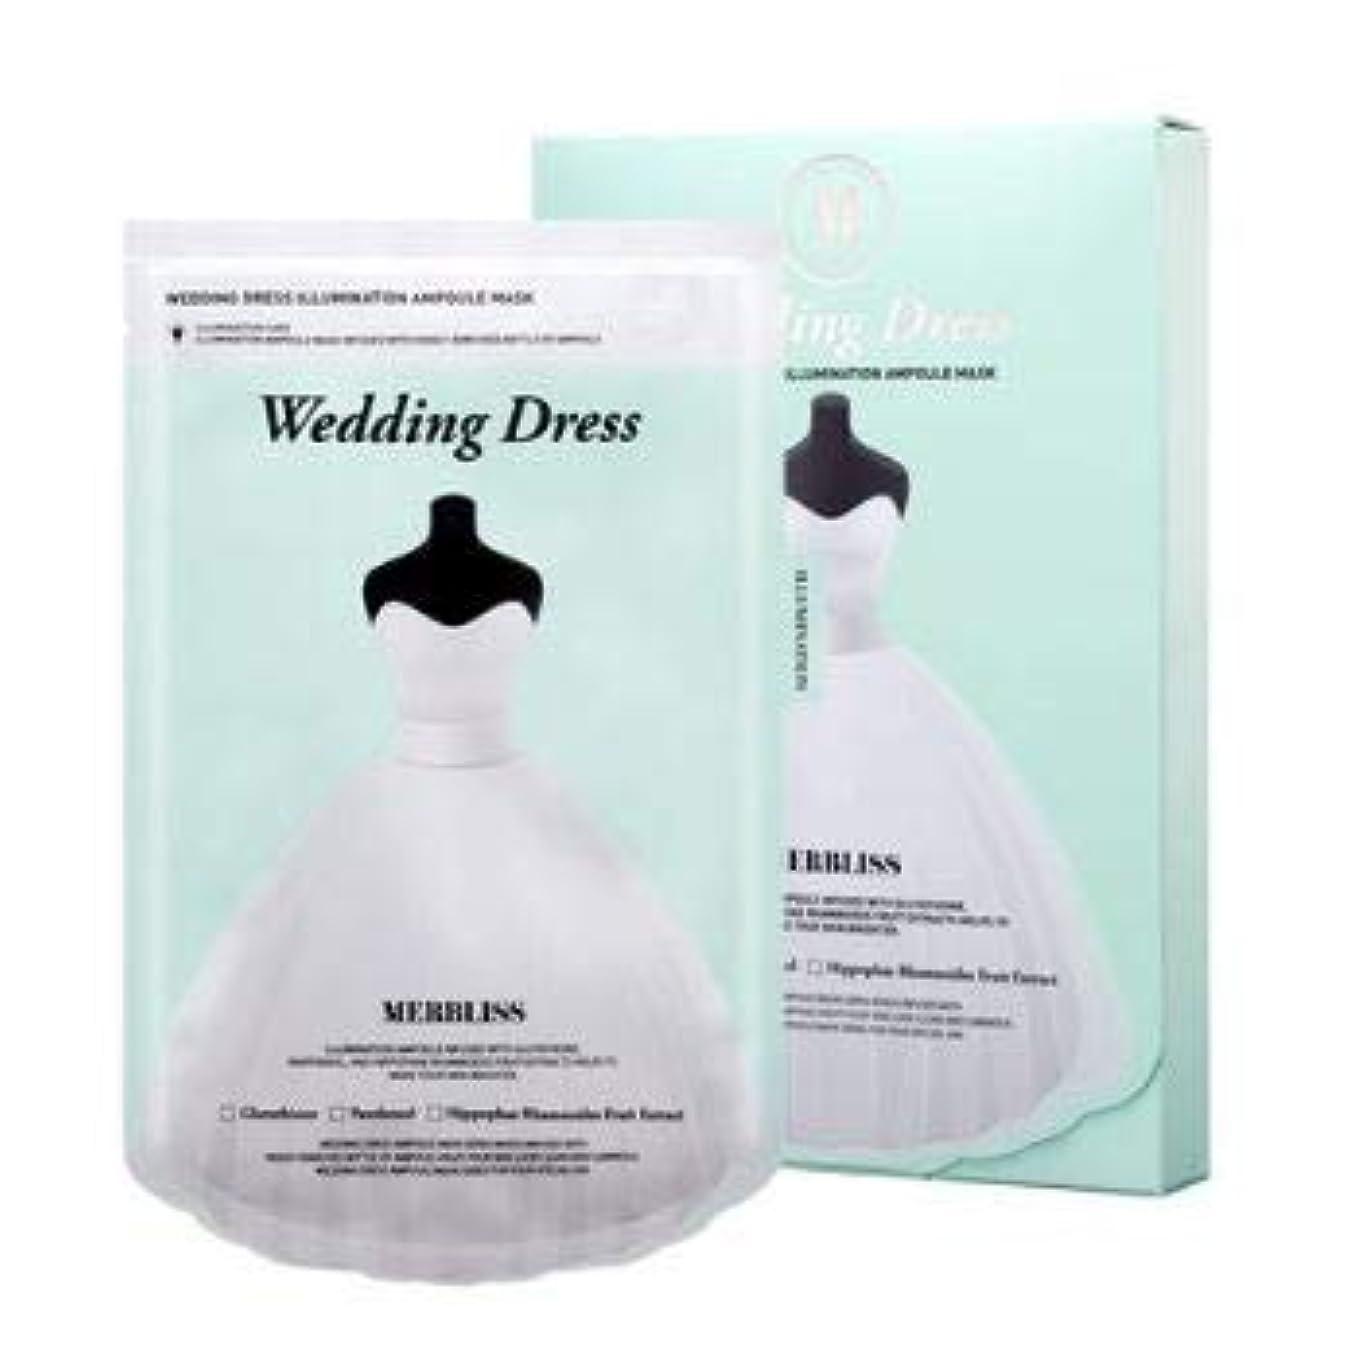 剃る保守的正午[Merbliss] Wedding Dress Illumination Ampoule Mask 25gx5ea /ウェディングドレスイルミネーションアンプルマスク25gx5枚 [並行輸入品]